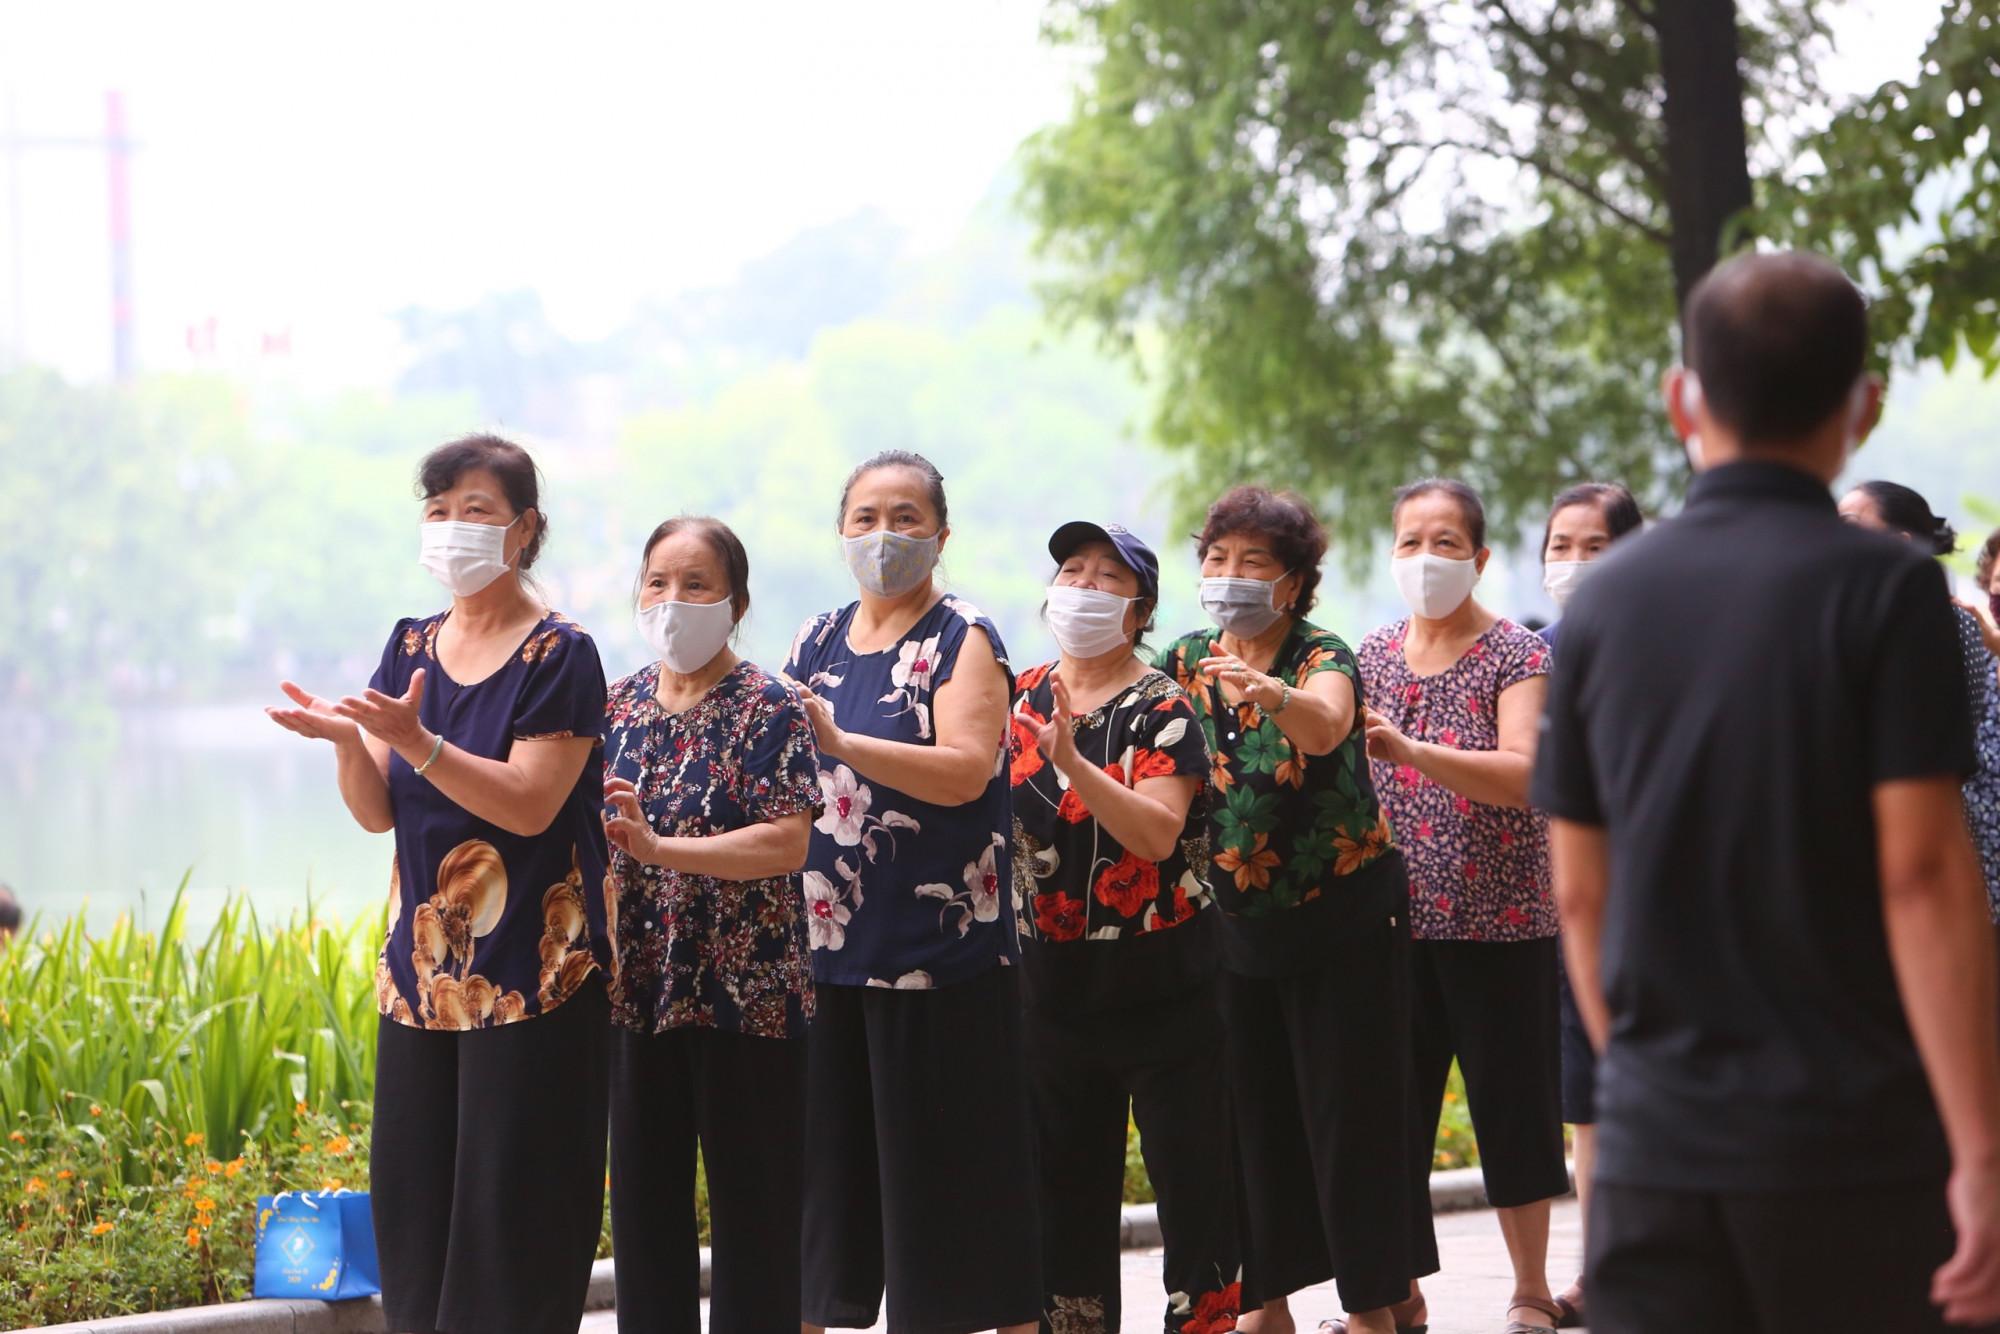 Tuy nhiên, UBND TP Hà Nội cũng lưu ý người dân tiếp tục thực hiện nghiêm công tác phòng chống dịch. Đặc biệt không tụ tập quá 20 người trong 1 khu vực.